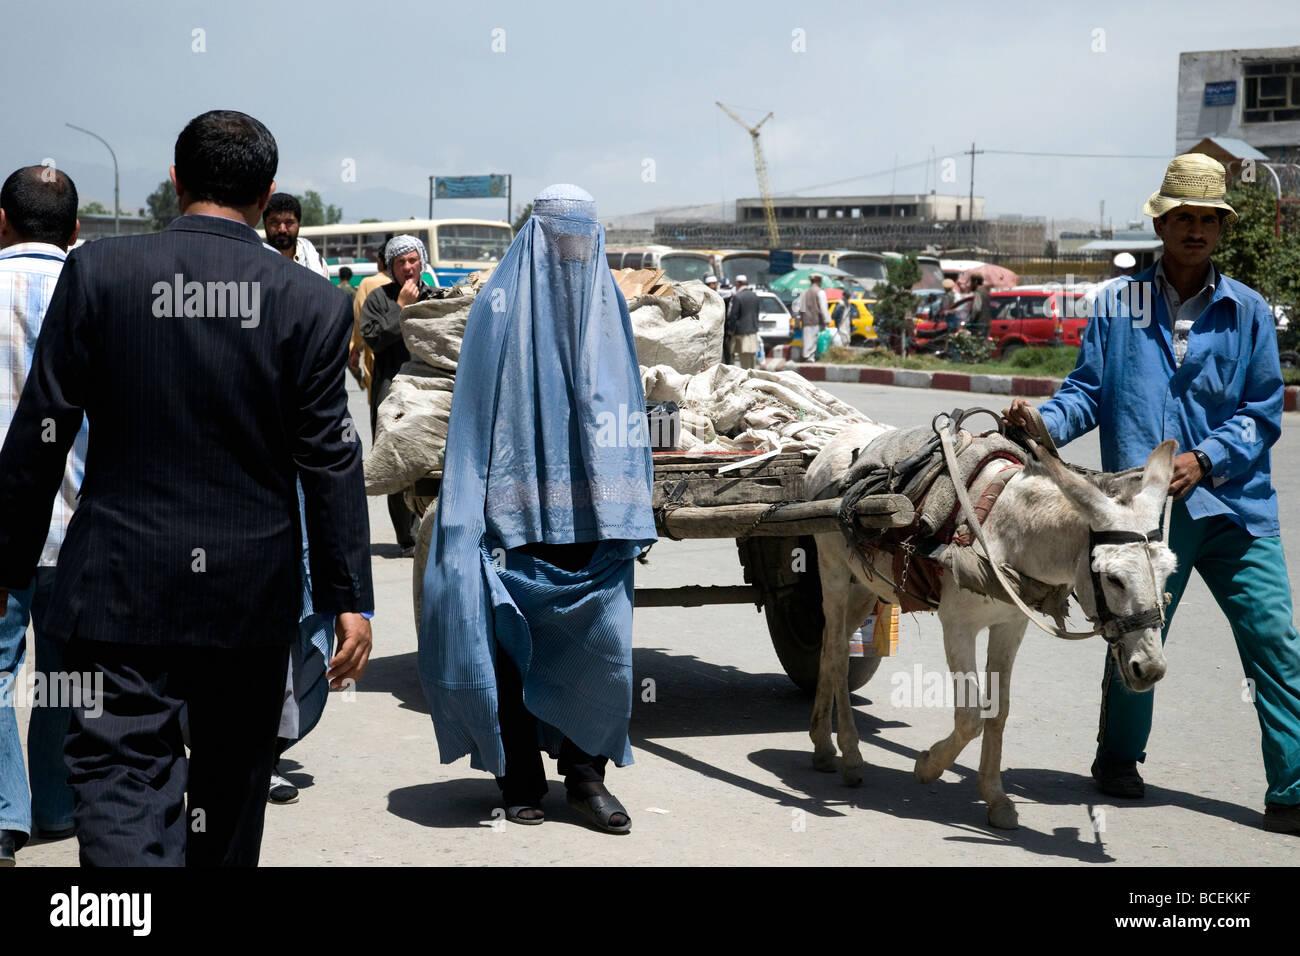 Eine Mischung aus Kleidung und Kulturen aus Business-Anzug, Burka, Eselskarren in einer belebten Straße von Stockbild